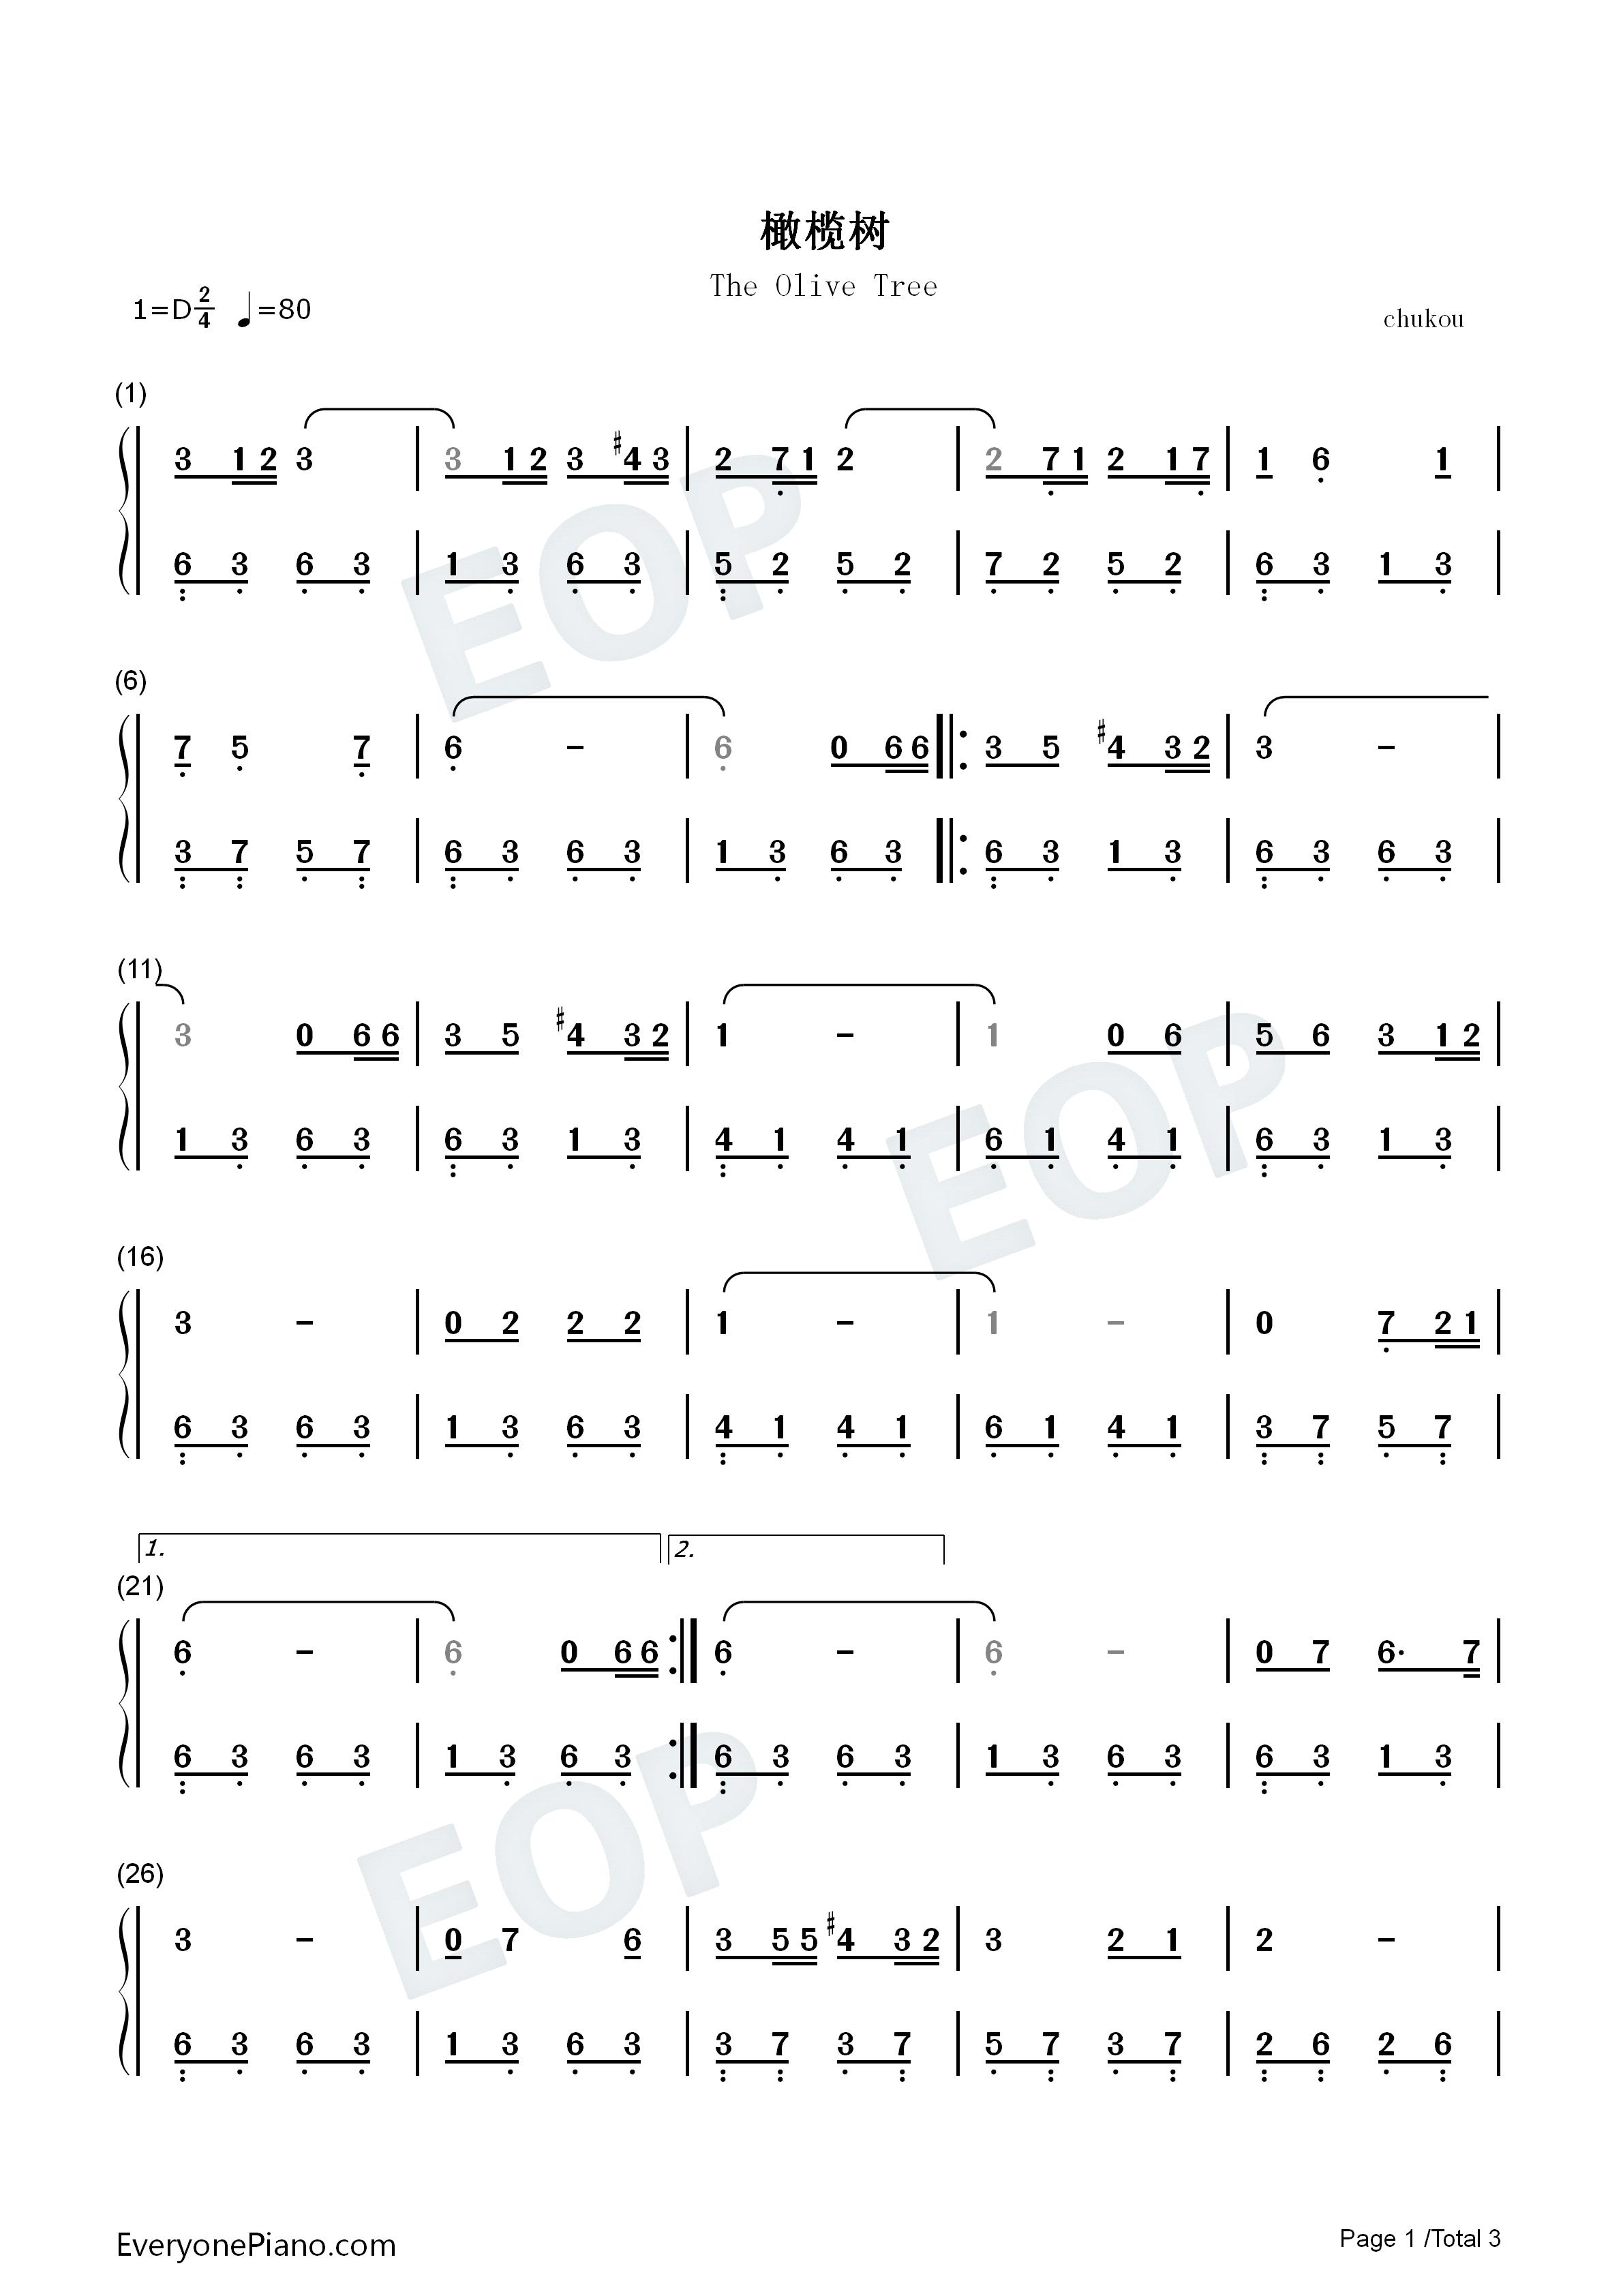 橄榄树-齐豫双手简谱预览1